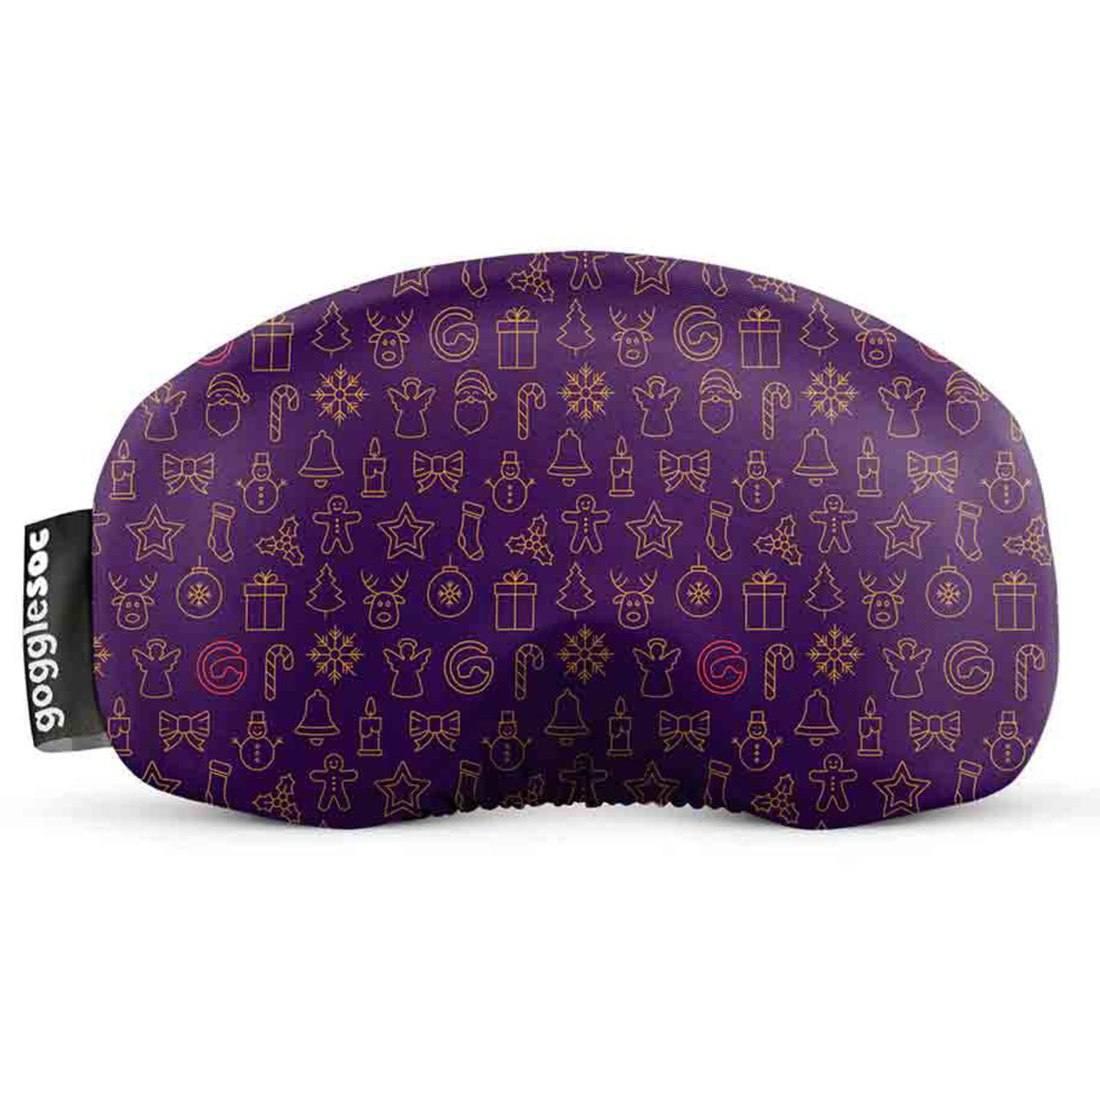 ゴーグルソック gogglesoc クリスマス 限定モデル ゴーグルカバー  国内正規品